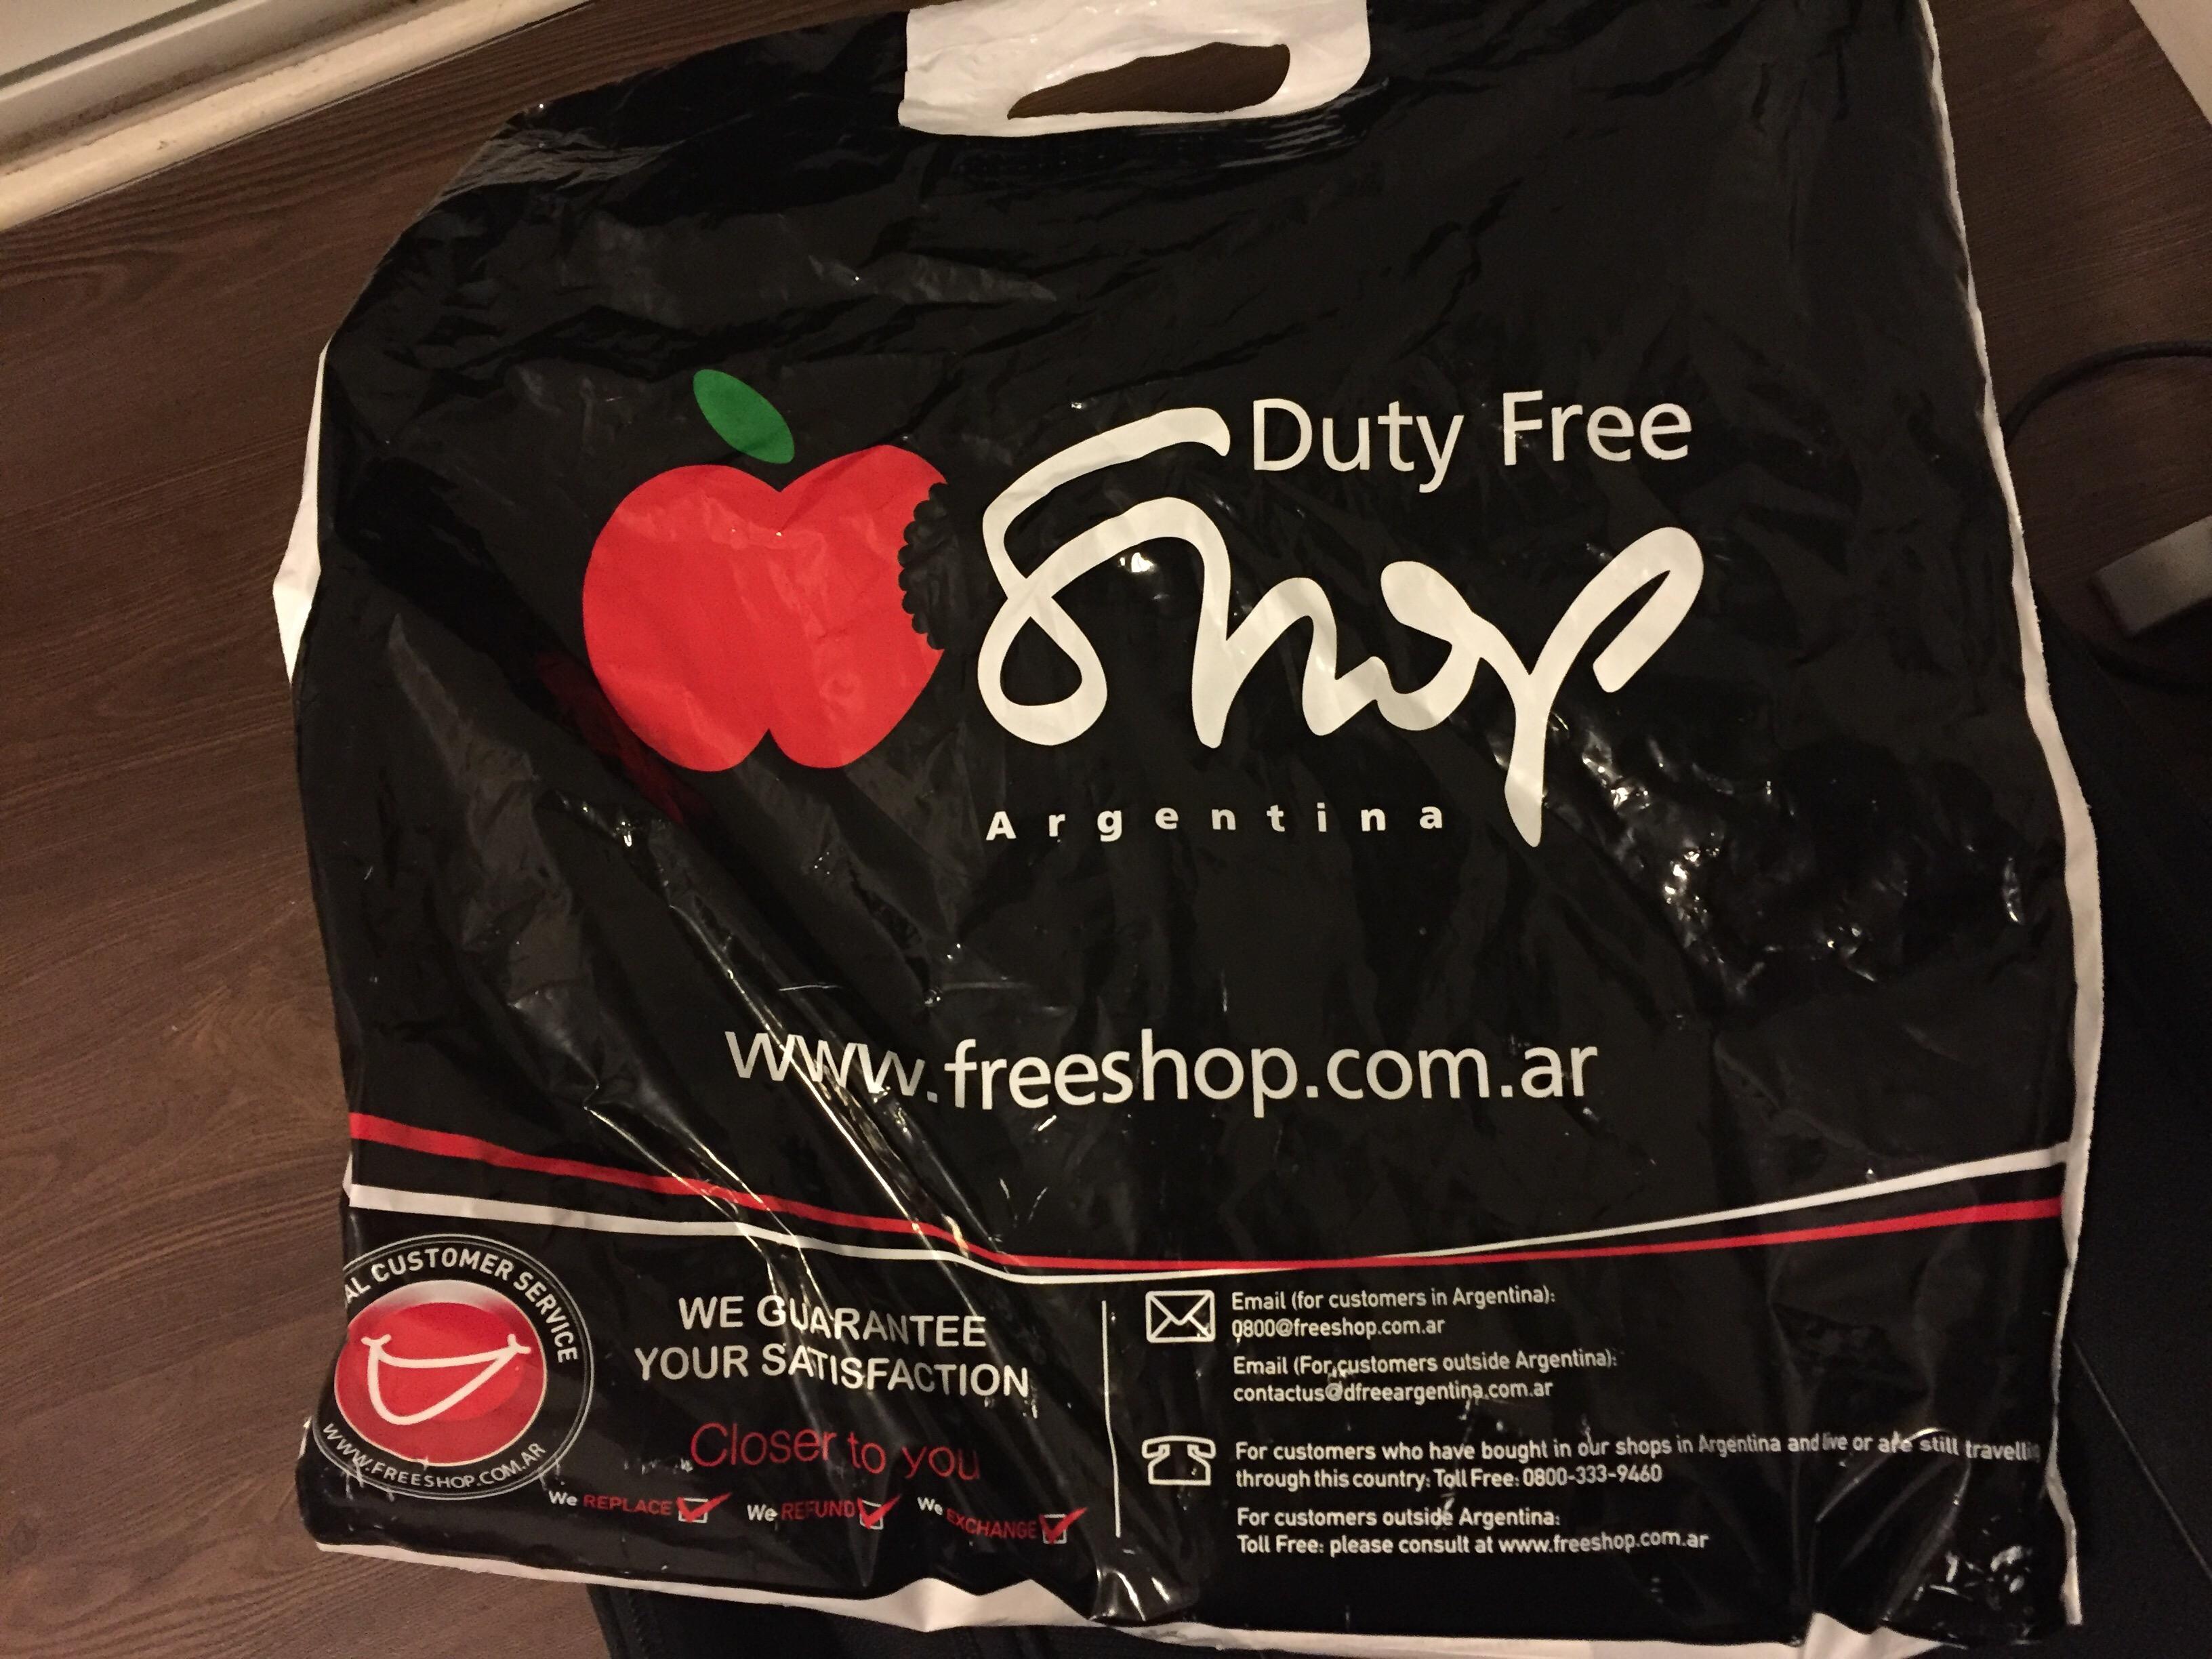 img 6678 - Comprando en el Duty Free. ¿Cual conviene?